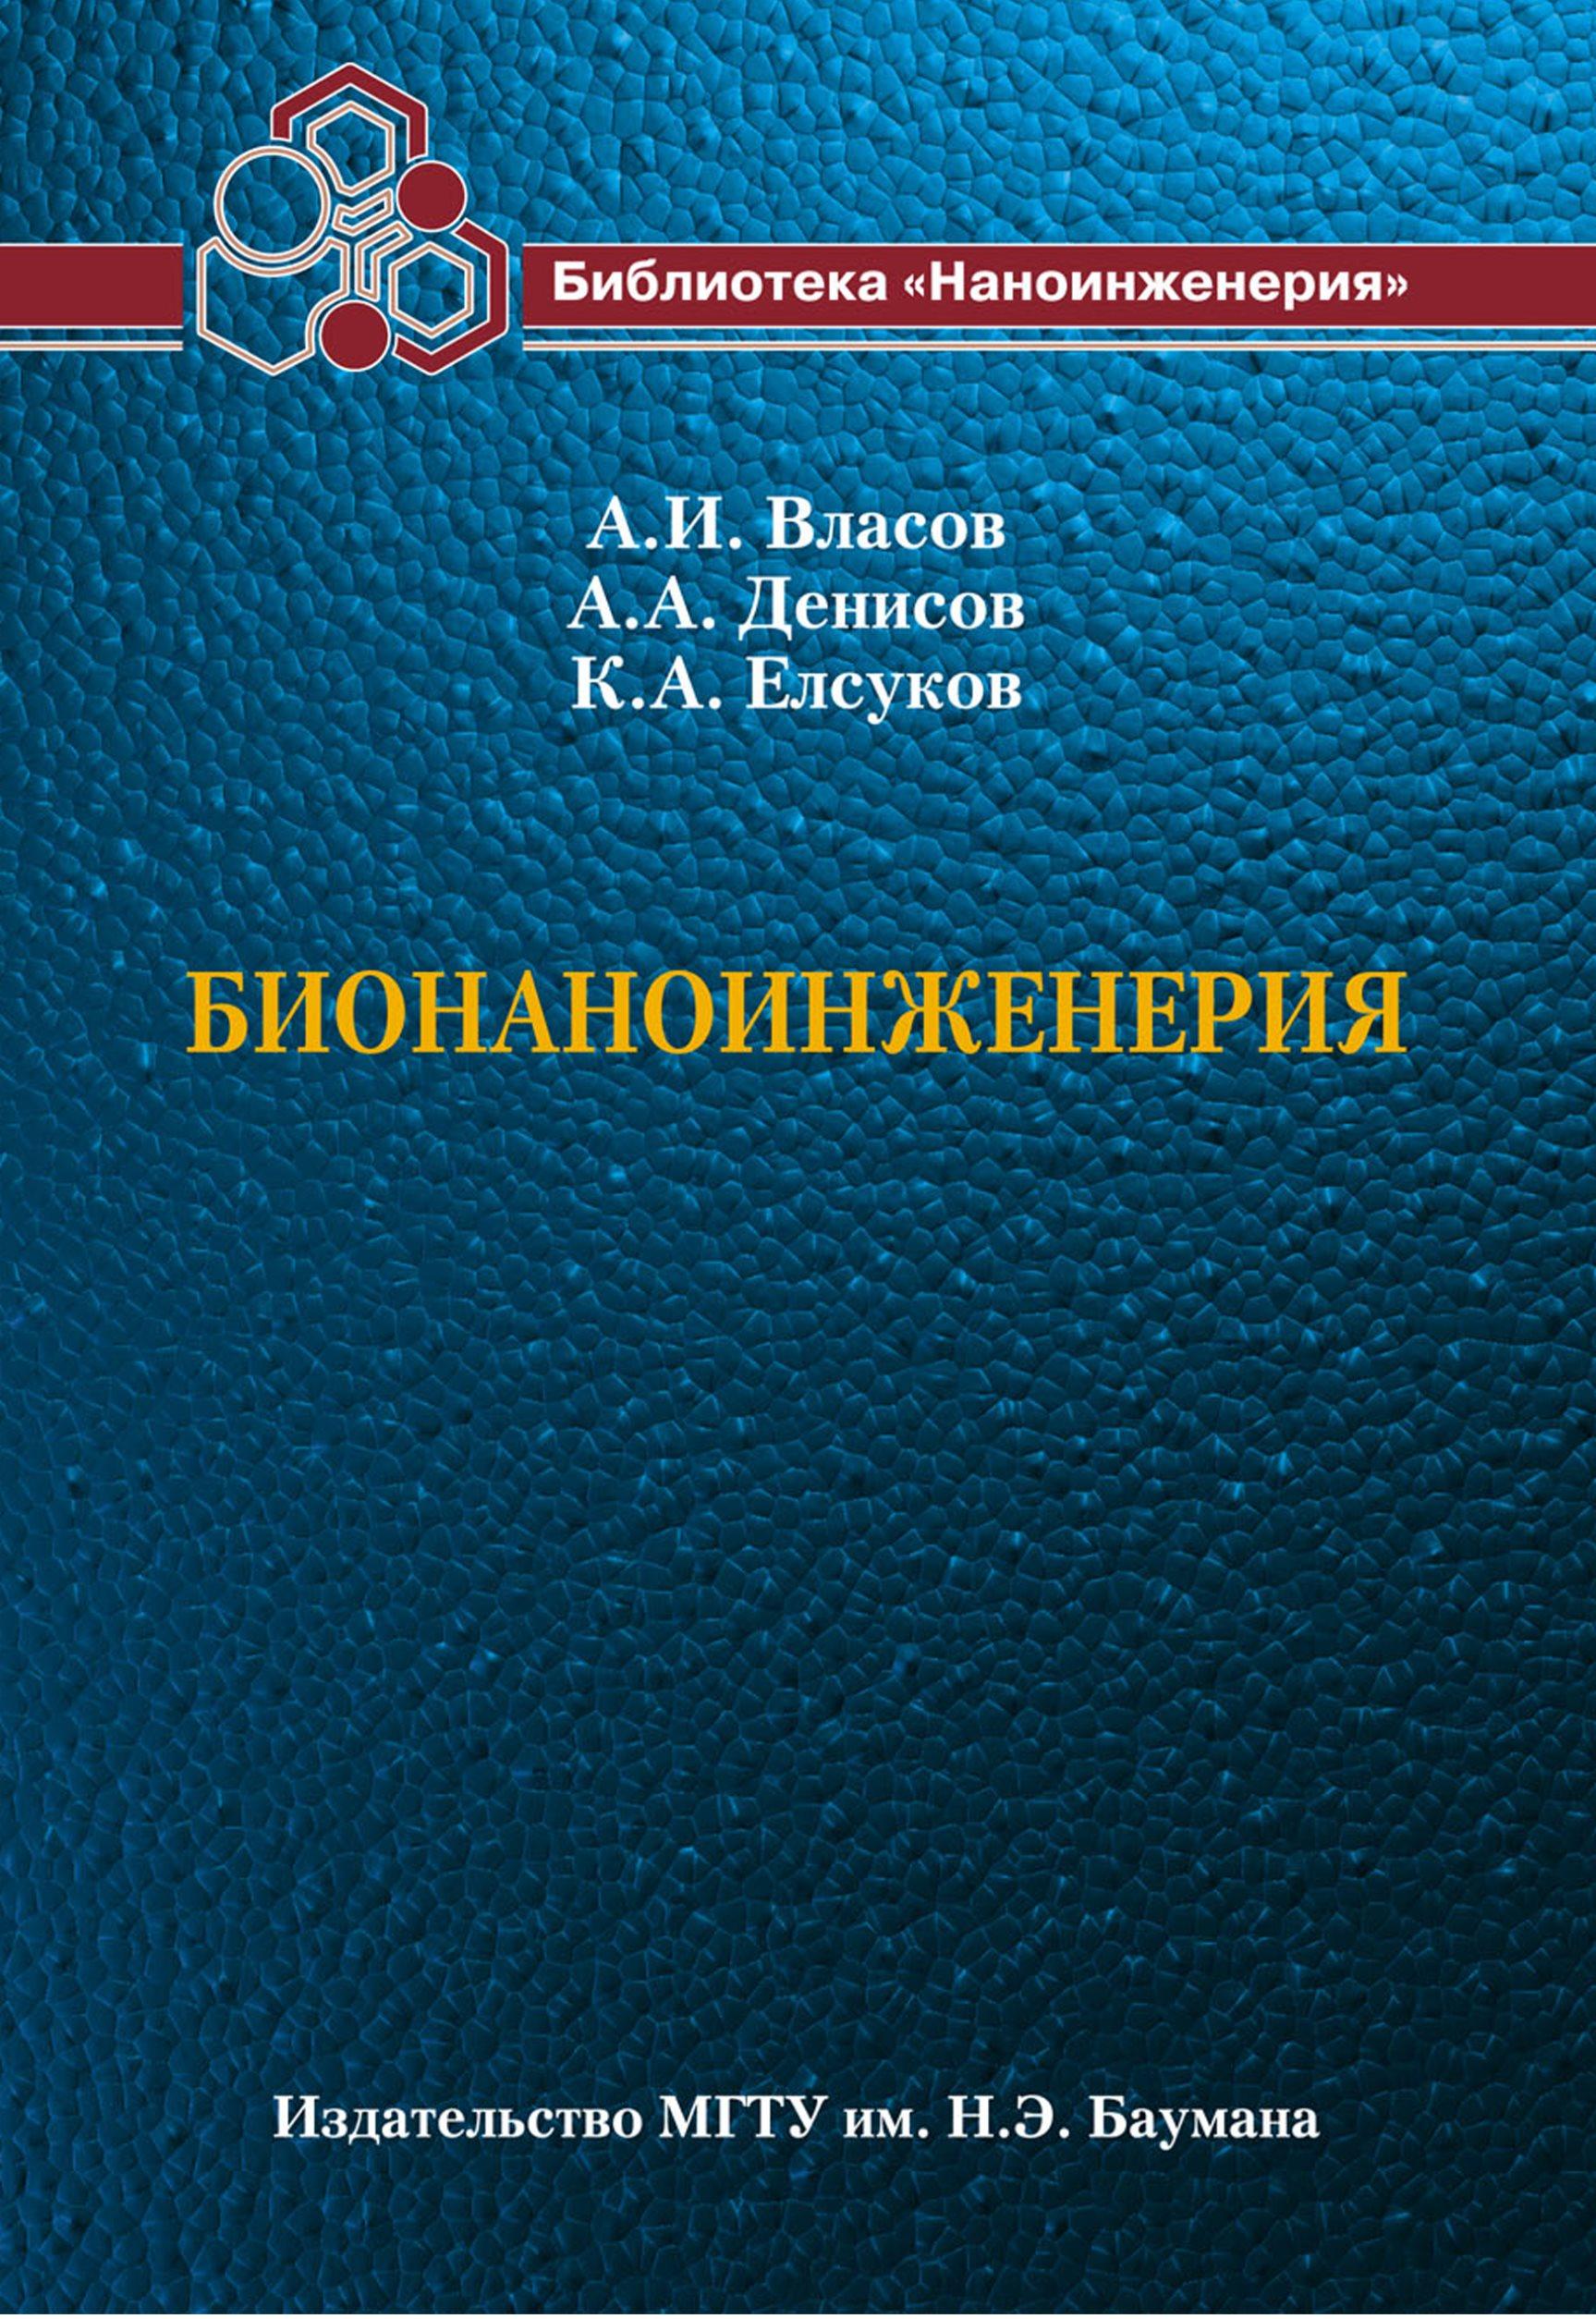 Андрей Власов Бионаноинженерия